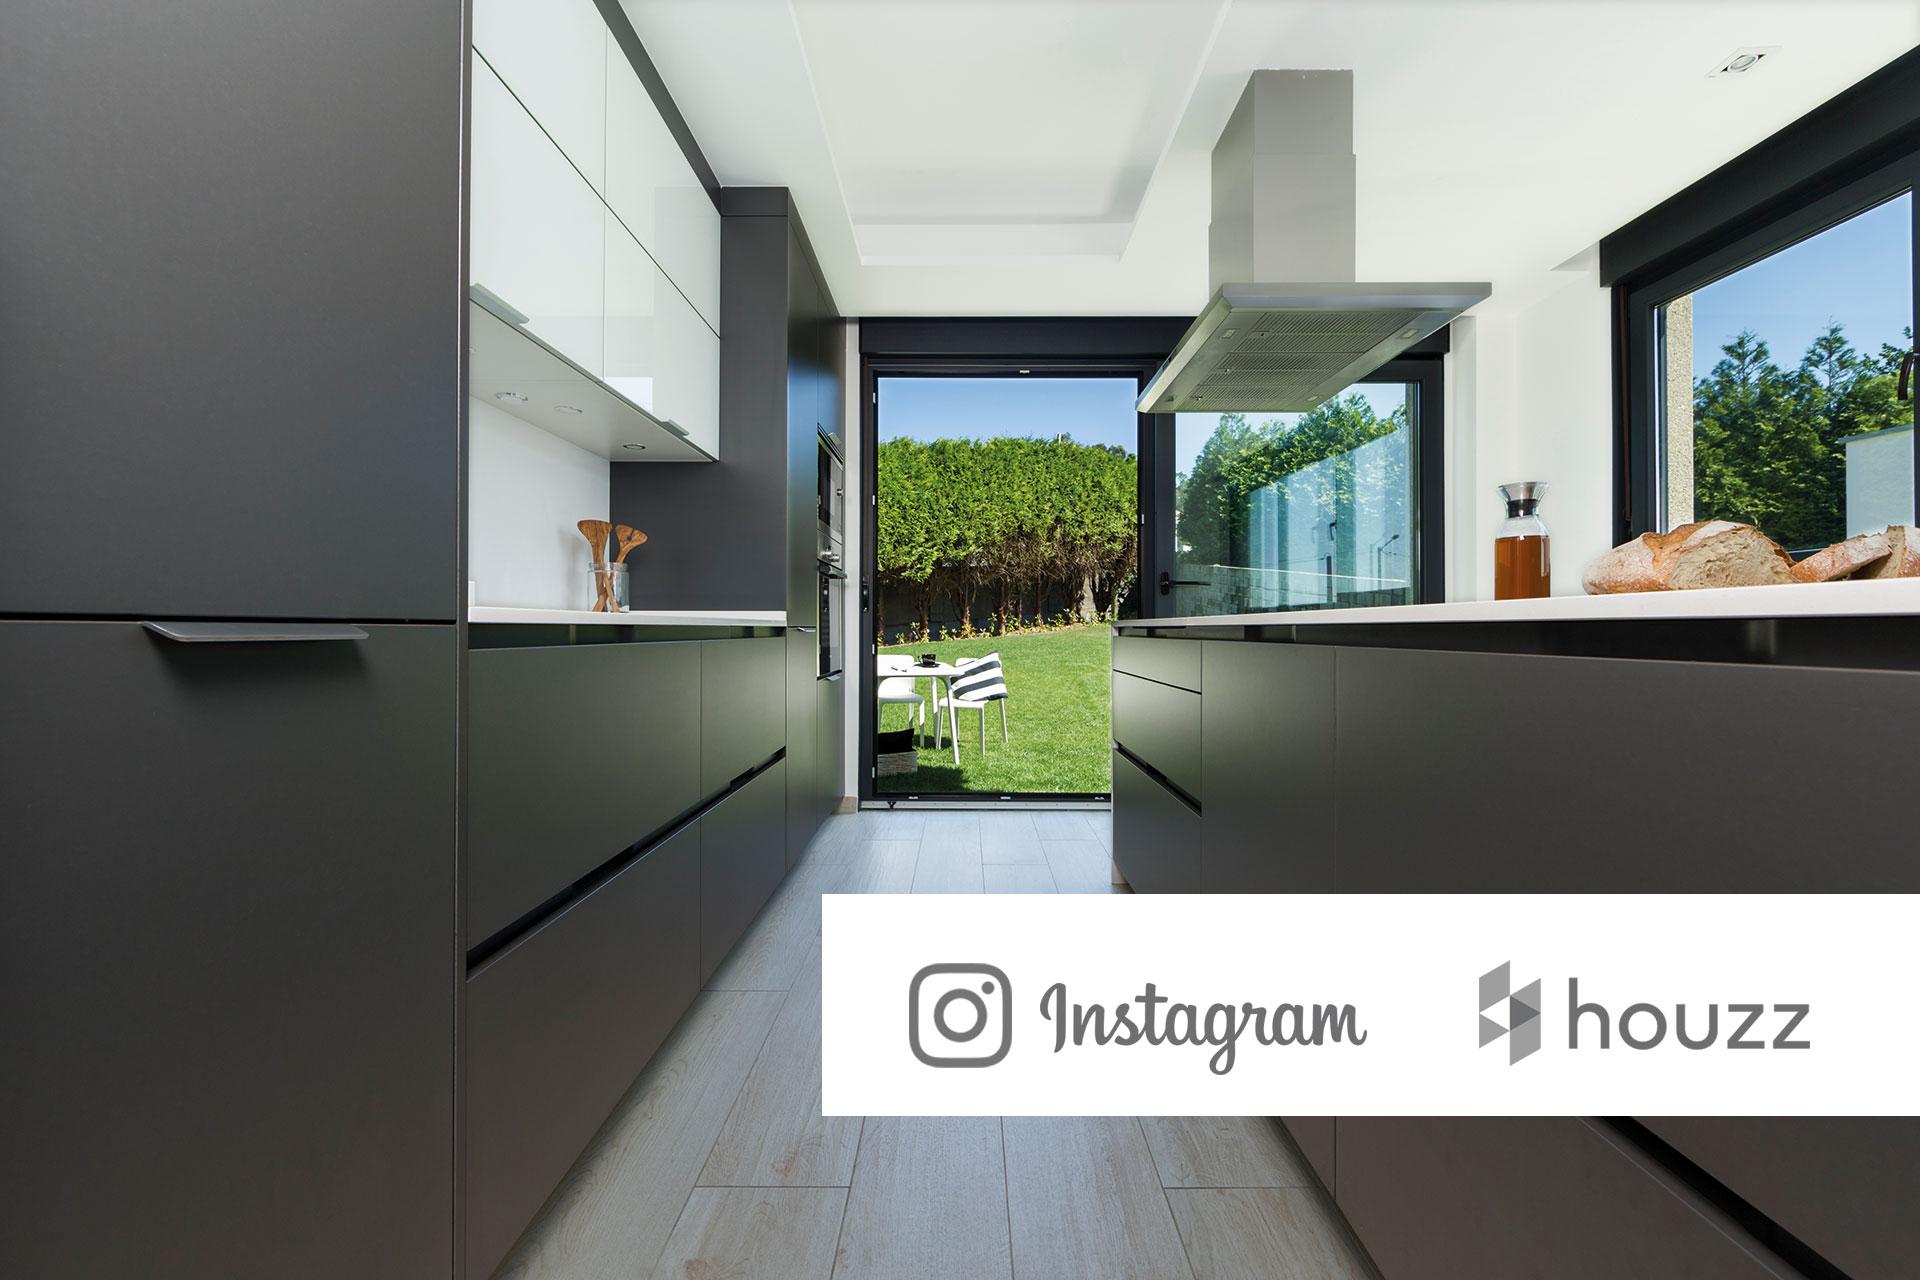 Red social de decoración Houzz e Instagram: nuevos canales de comunicación de Santiago Interiores | Cocinas Santos